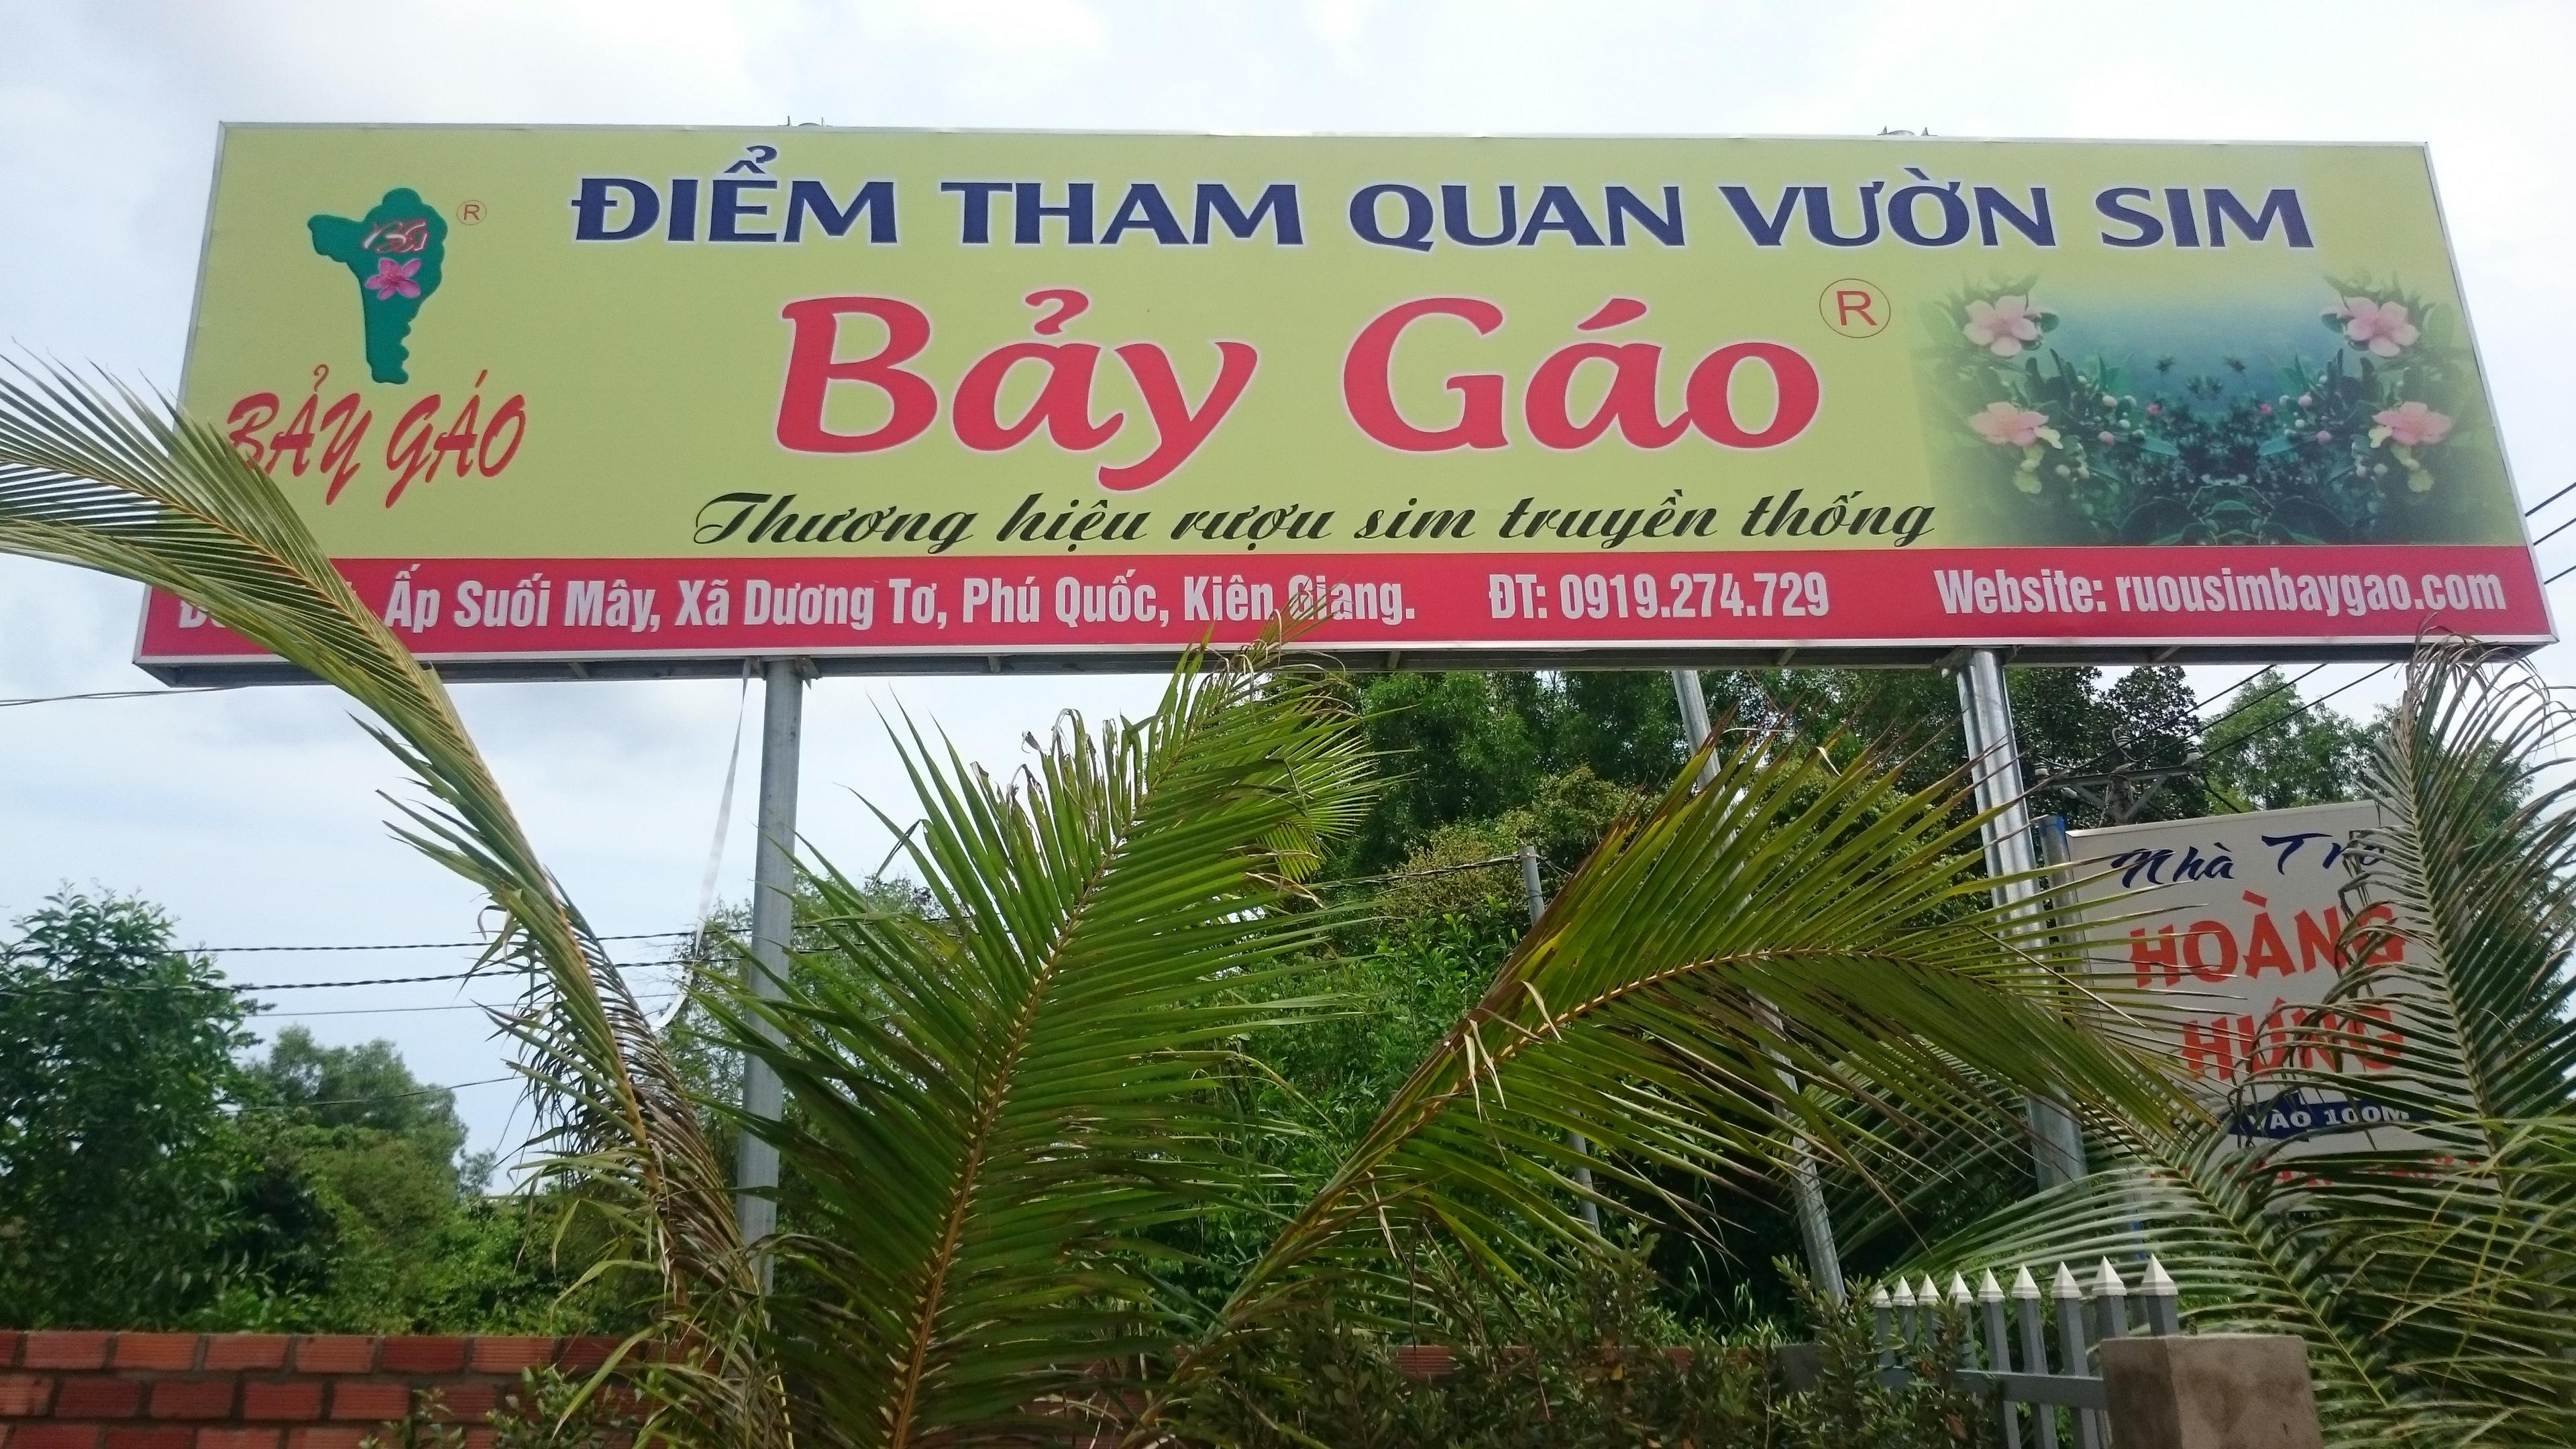 Điểm tham quan du lịch Vườn Sim Bảy Gáo Phú Quốc